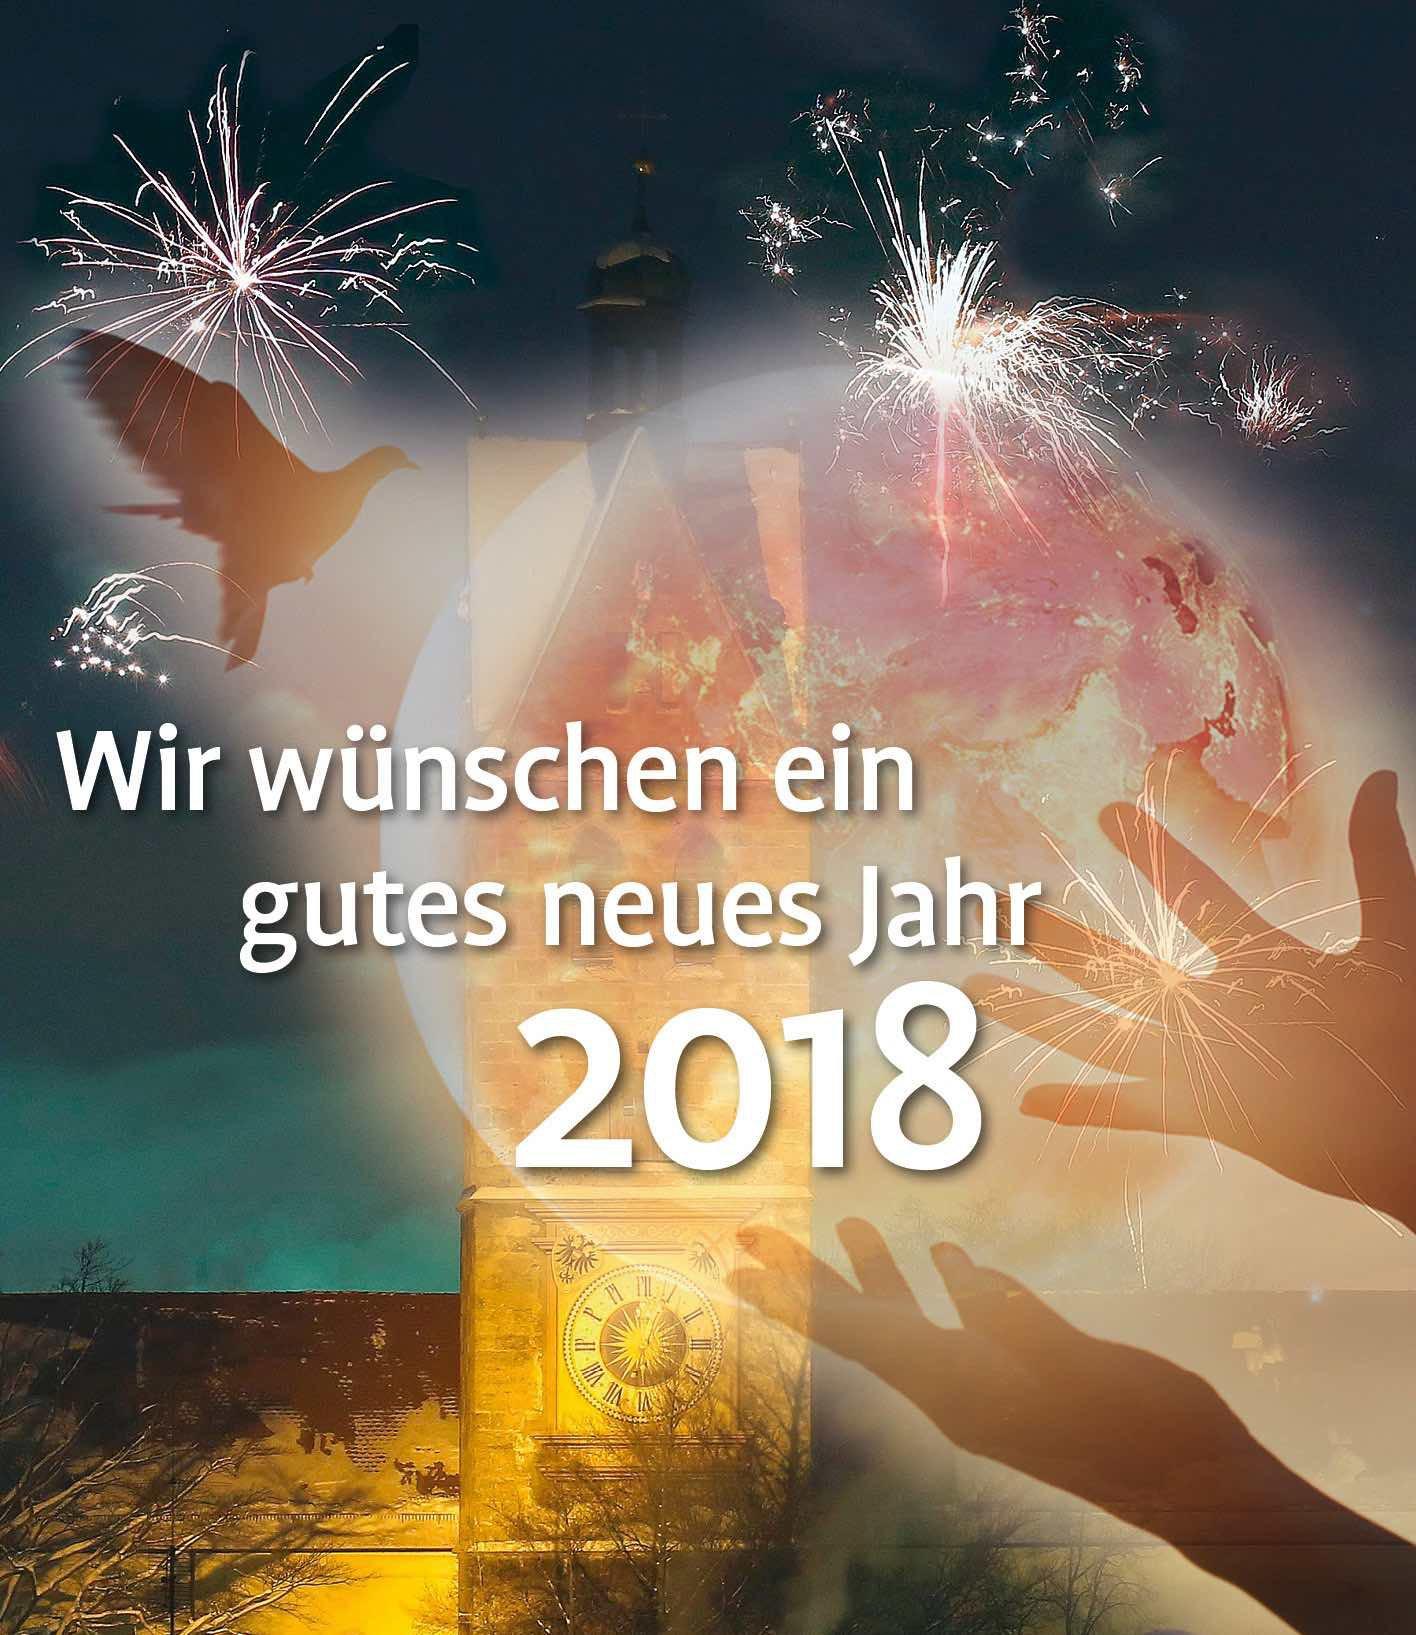 Einen guten Rutsch ins neue Jahr 2018...